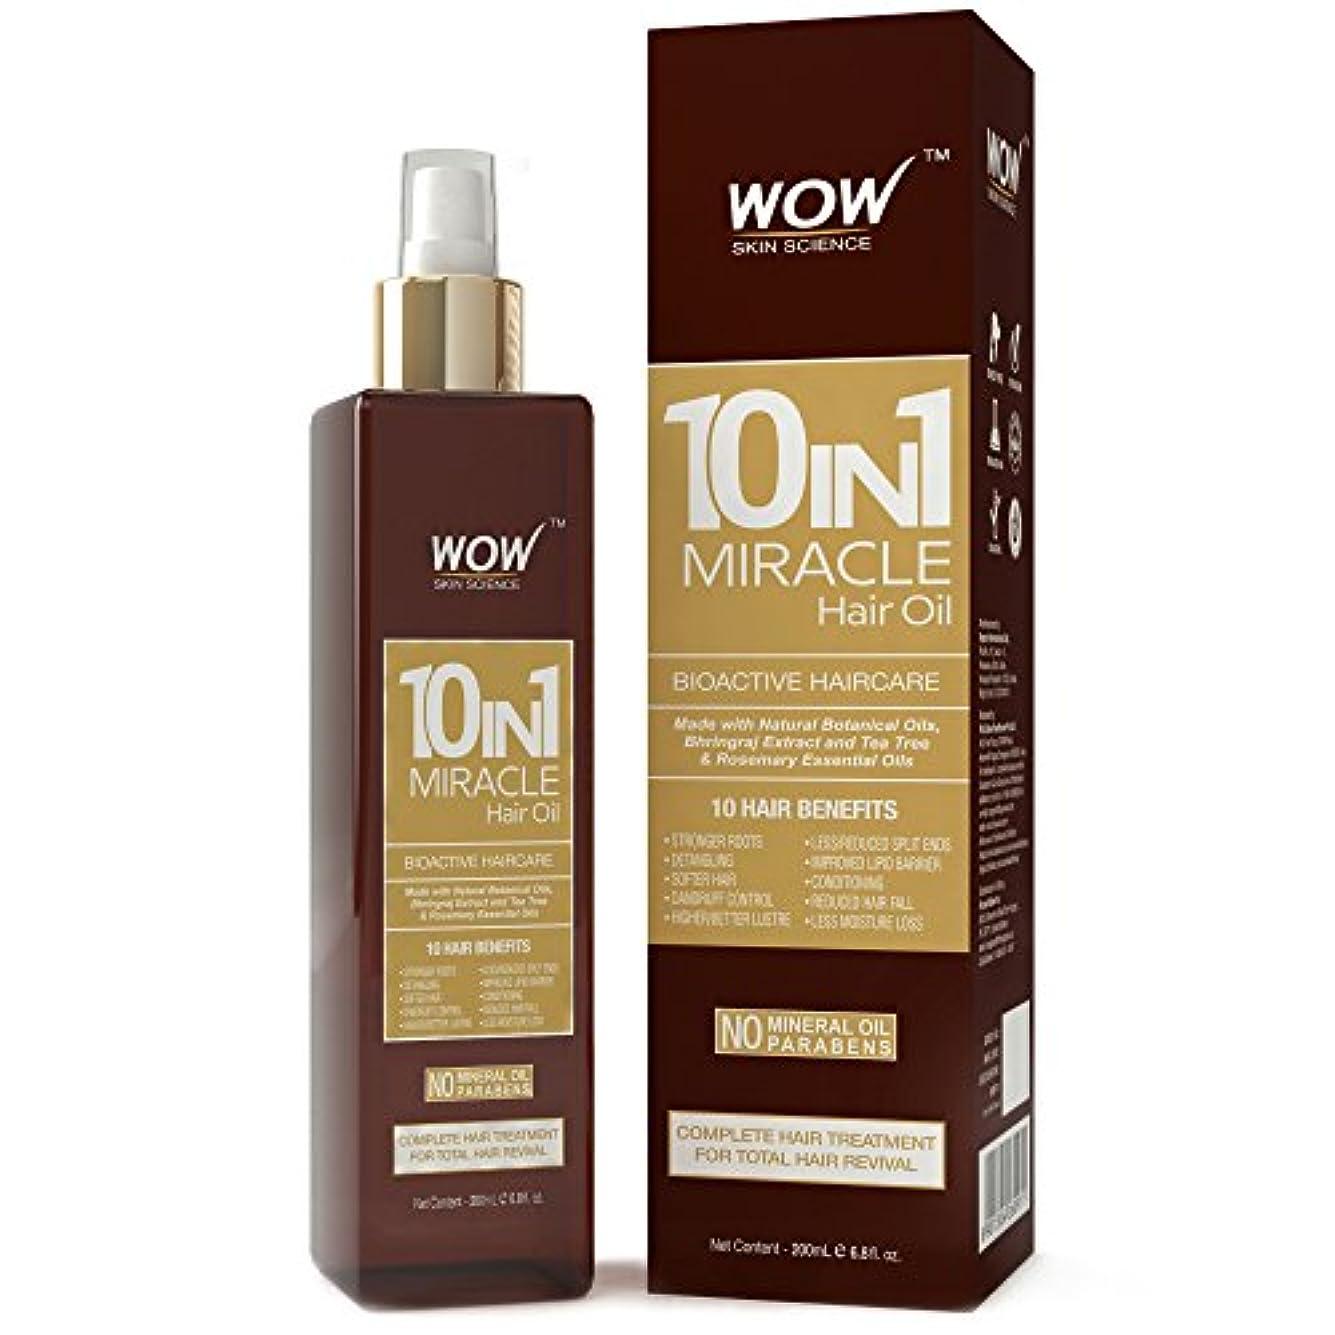 達成可能感度文法WOW 10-in-1 Active Miracle Hair Oil - No Parabens and Mineral Oils - 200 ml